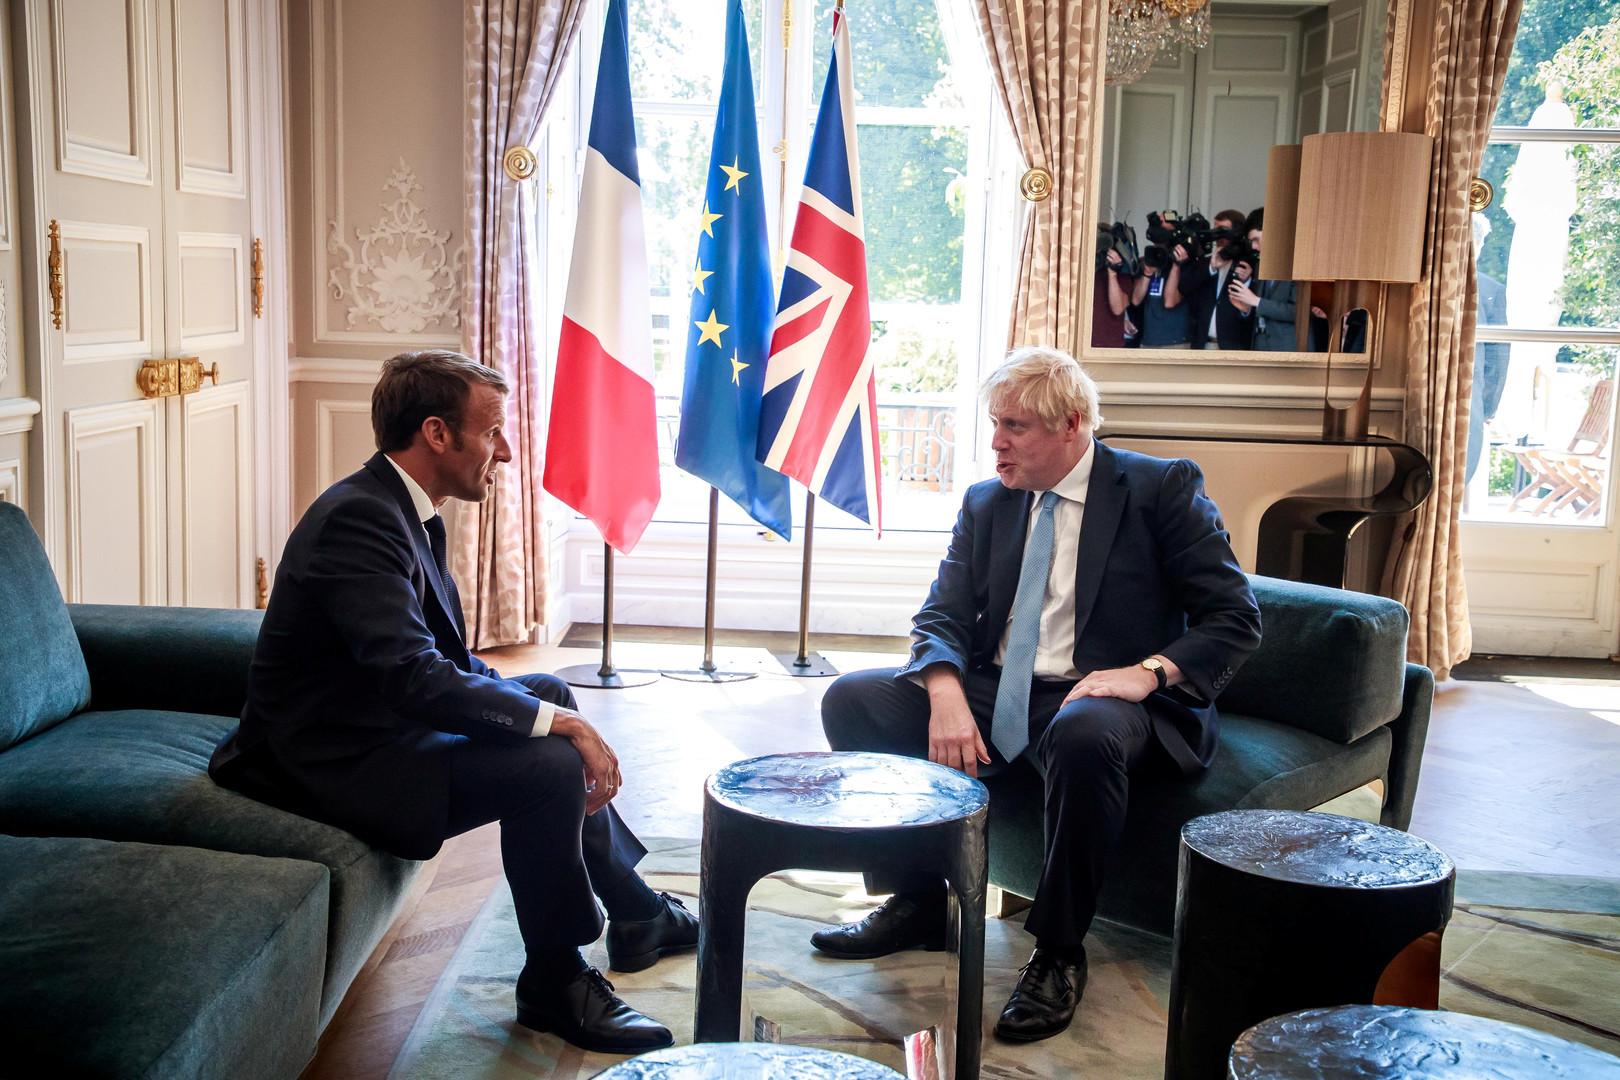 فرنسا وبريطانيا تسعيان إلى توحيد الموقف الأوروبي بشأن إيران